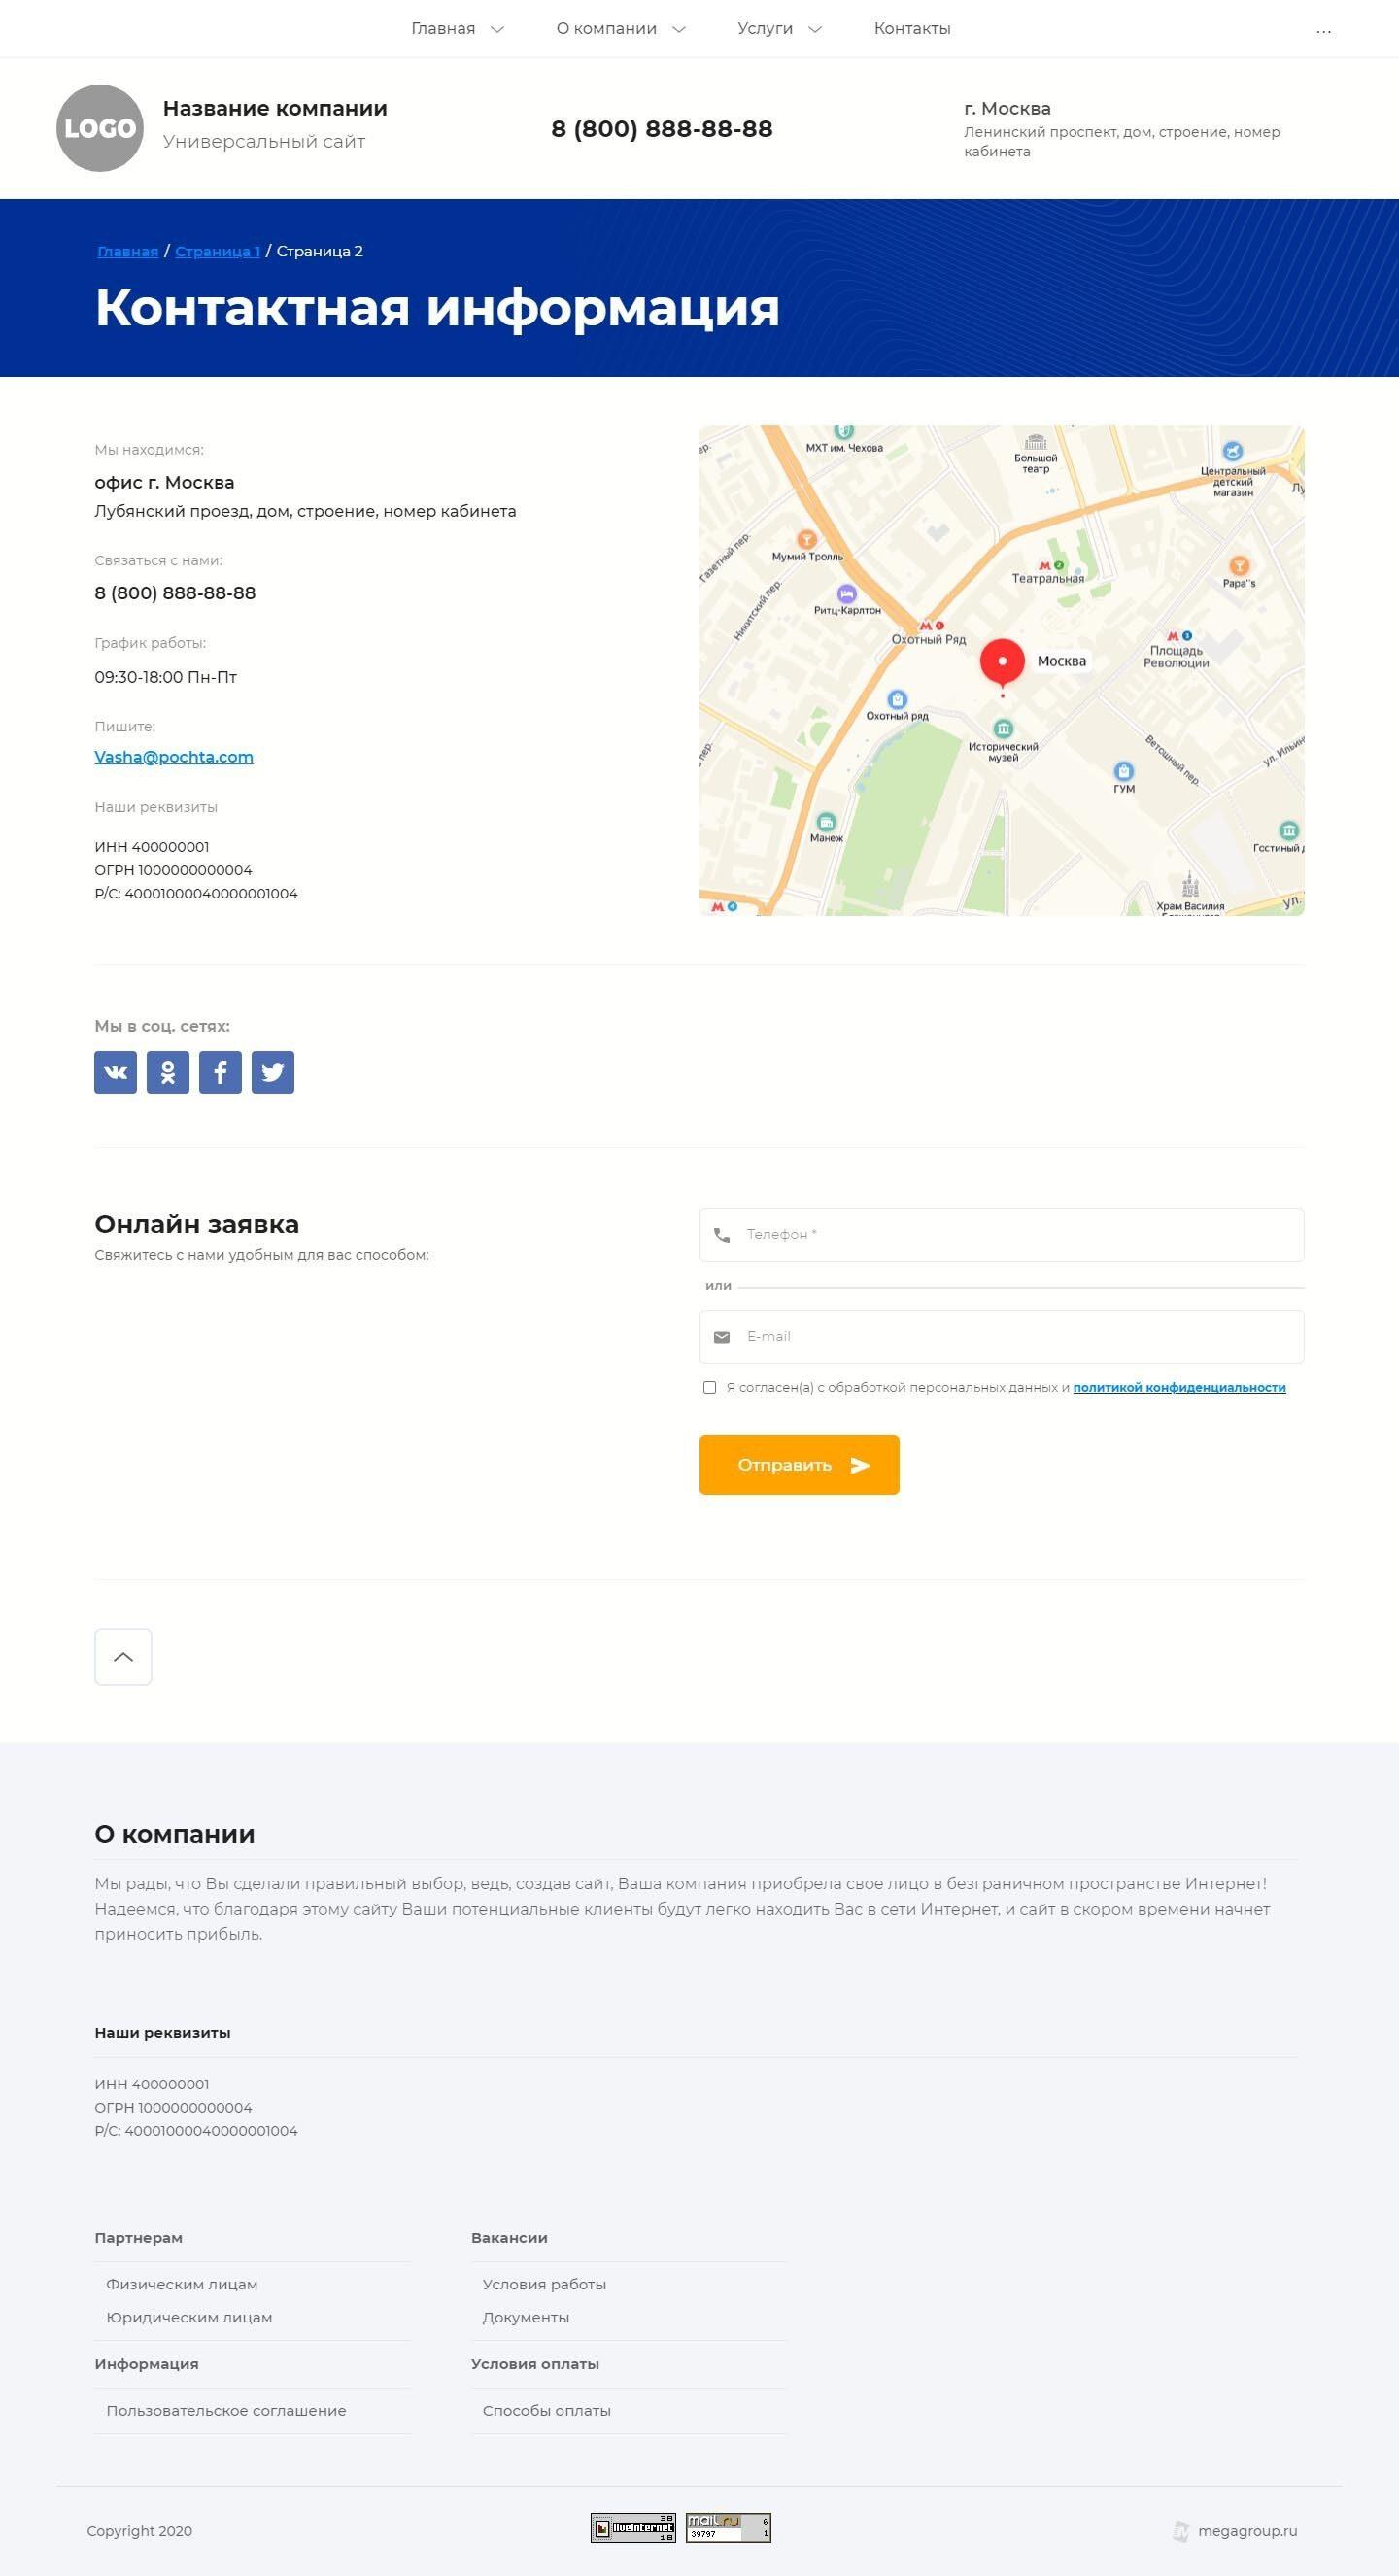 Готовый Сайт-Бизнес № 2908149 - Универсальный дизайн (Контакты)